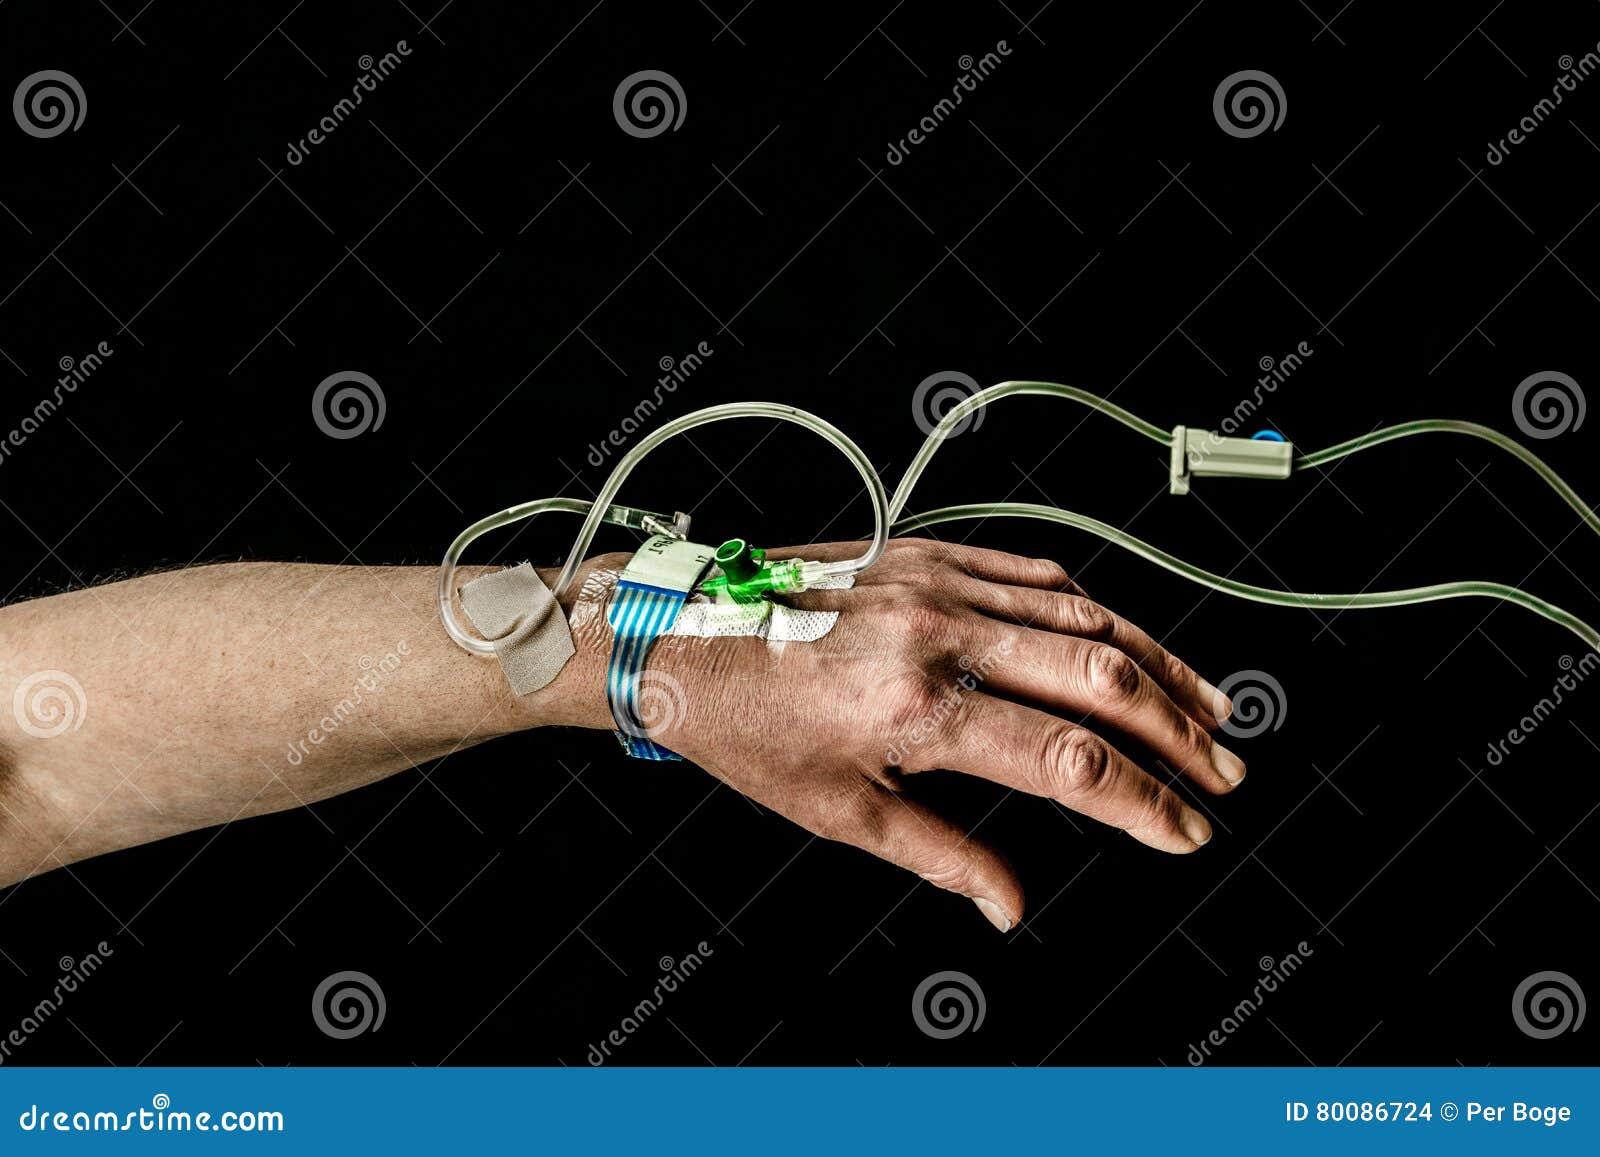 病人的手和胳膊有iv治疗的在黑背景